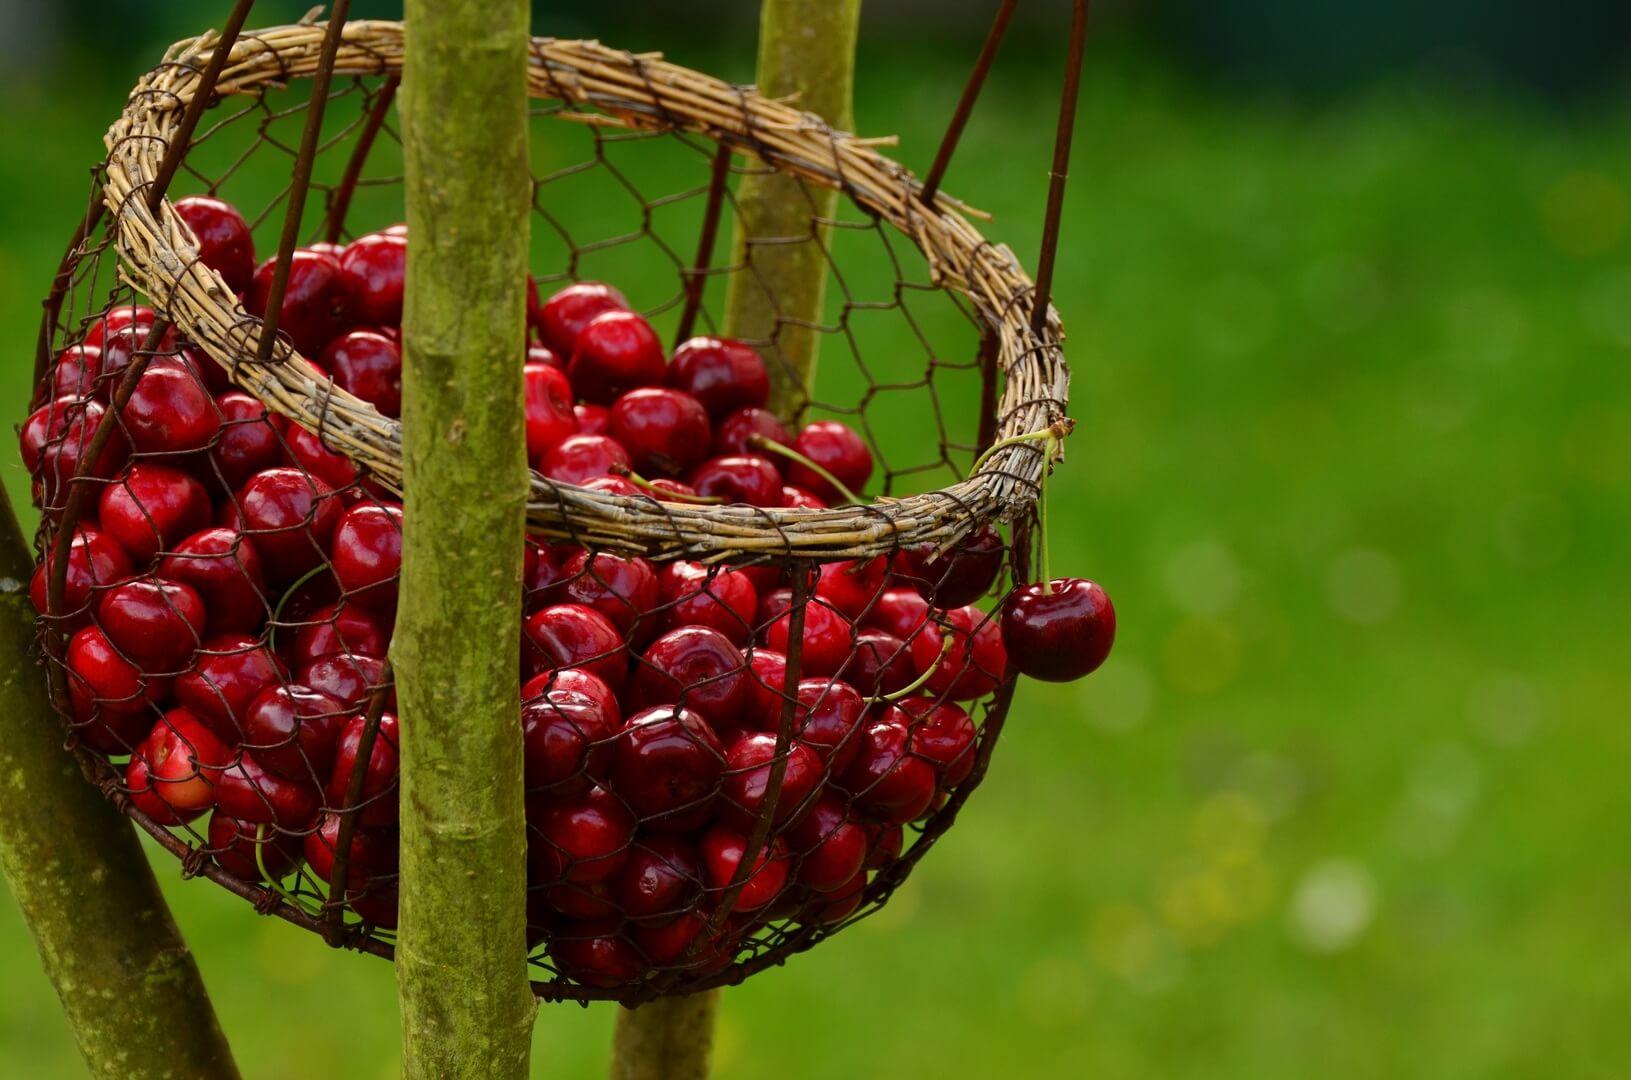 Asoex estima que cerezas aumentarán sus exportaciones casi un 36% esta temporada